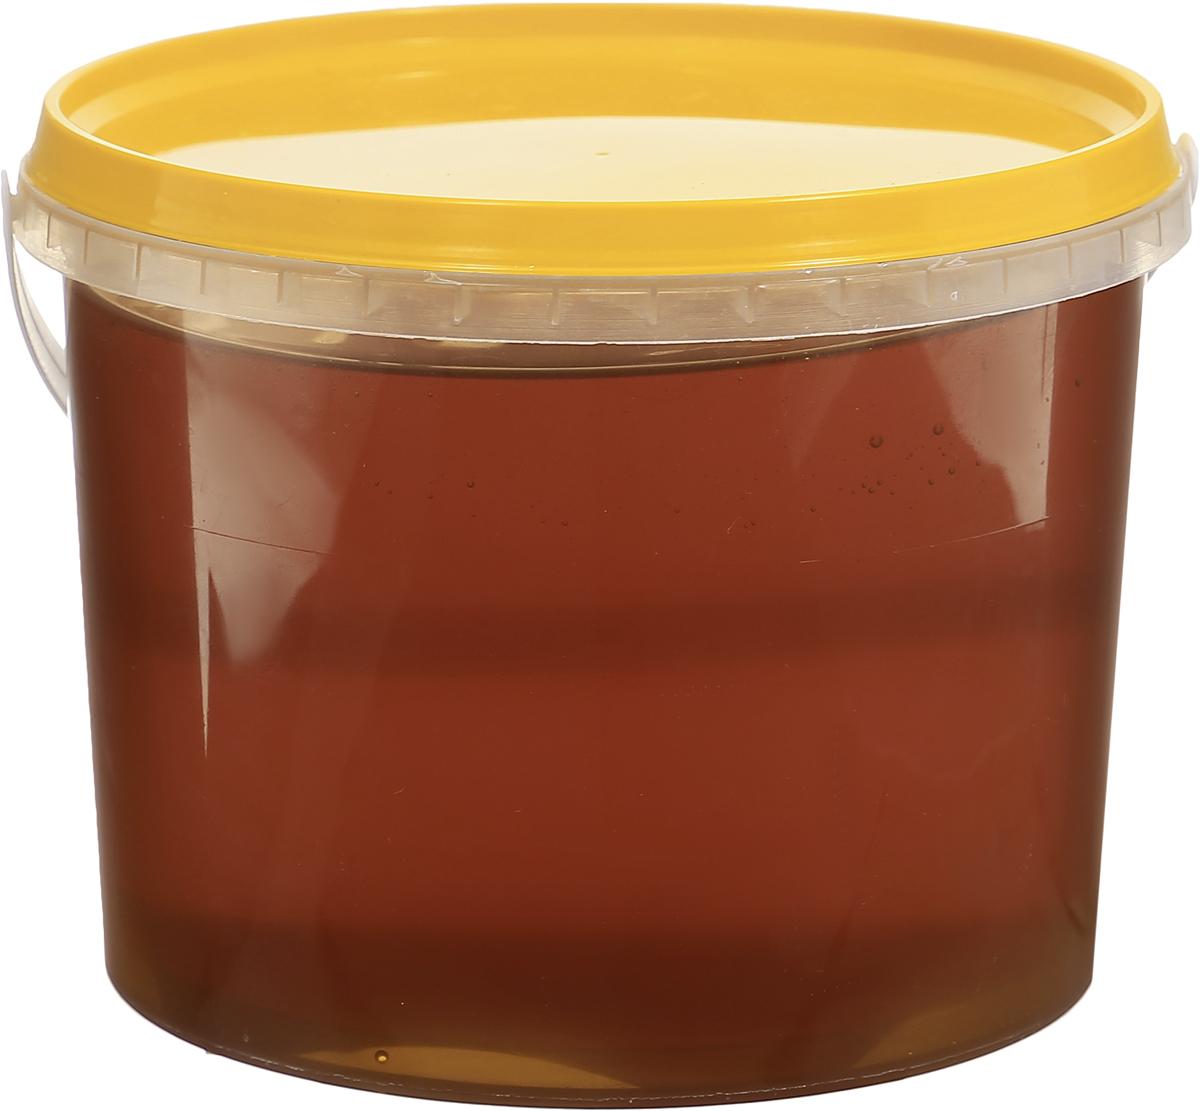 Медовед мед натуральный каштановый, 1 кг4627123647590Каштановый мед имеет особый вкус. Танины, имеющиеся в изобилии в каштанах, характеризуют его вкус, придавая ему горький аромат, хорошо гармонирующий со сладостью меда. Горьковатый привкус каштанового меда не уменьшает фактической ценности продукта. Одна чайная ложка в стакане горячего молока создаст приятный и оригинальный вкус, не сравнимый с любым другим типом подсластителя.Существует множество способов употребления каштанового меда. Его можно намазать на тост или булочку, чтобы раскрыть всю природу нектара богов, как в древности называли мед. Для тех, кто любит изысканные комбинации, можно употреблять этот продукт в дуэте с сыром, йогуртами, мороженым и кремовыми десертами.Одной из основных особенностей каштанового меда является то, что он не кристаллизуется или делает это очень медленно и неравномерно. Благодаря высокому содержанию фруктозы мед остается длительное время жидким, даже в холодное время года, тогда как другие виды меда, как правило, очень легко кристаллизируются и превращаются в зернистую массу. Обычно каштановый мед янтарного цвета. Также он может быть более темного или более светлого цвета, иметь красноватые оттенки. Даже запах этого меда сильный и насыщенный, как и его вкус.Что касается лечебных свойств данного вида меда, то каштановый мед улучшает кровообращение, известен также как спазмолитическое, вяжущее и дезинфицирующее средство для мочевыводящих путей. Еще он богат минералами, такими как железо, кальций и фосфор, является отличным противовоспалительным средством для горла и обладает антибактериальными свойствами.Целебные сорта мёда. Статья OZON Гид